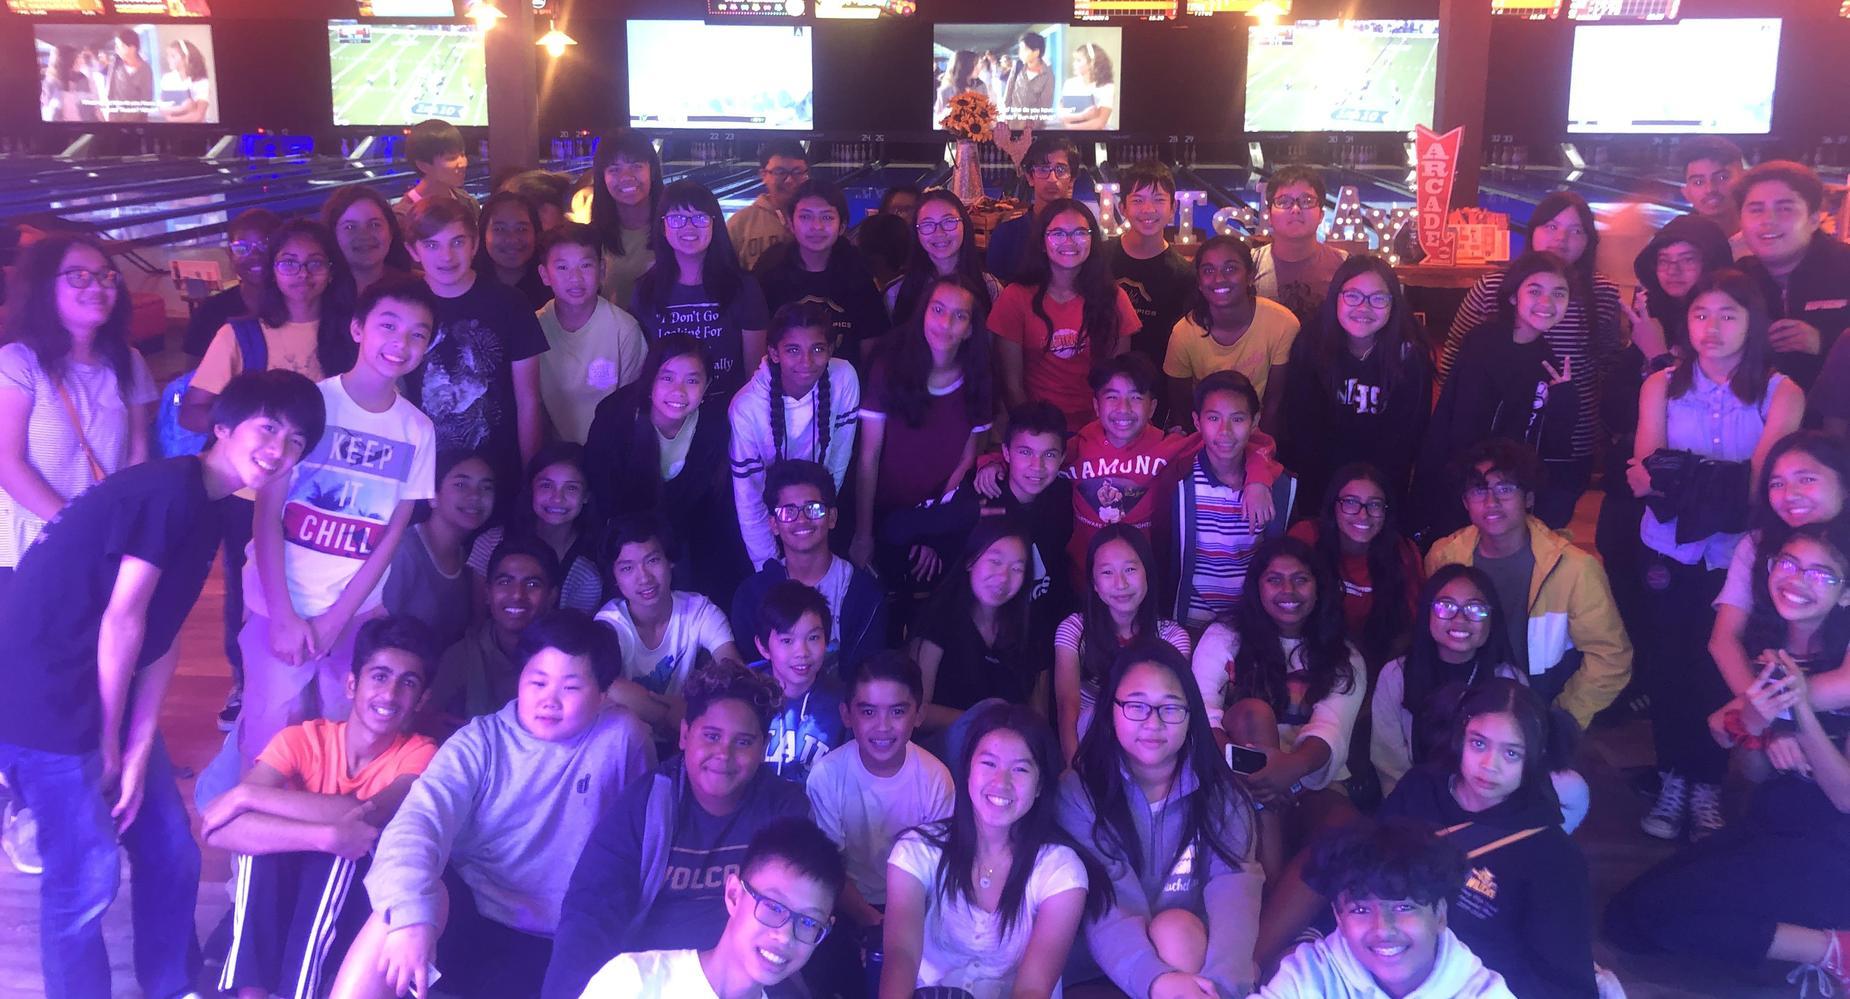 Class of 2025 bowling trip